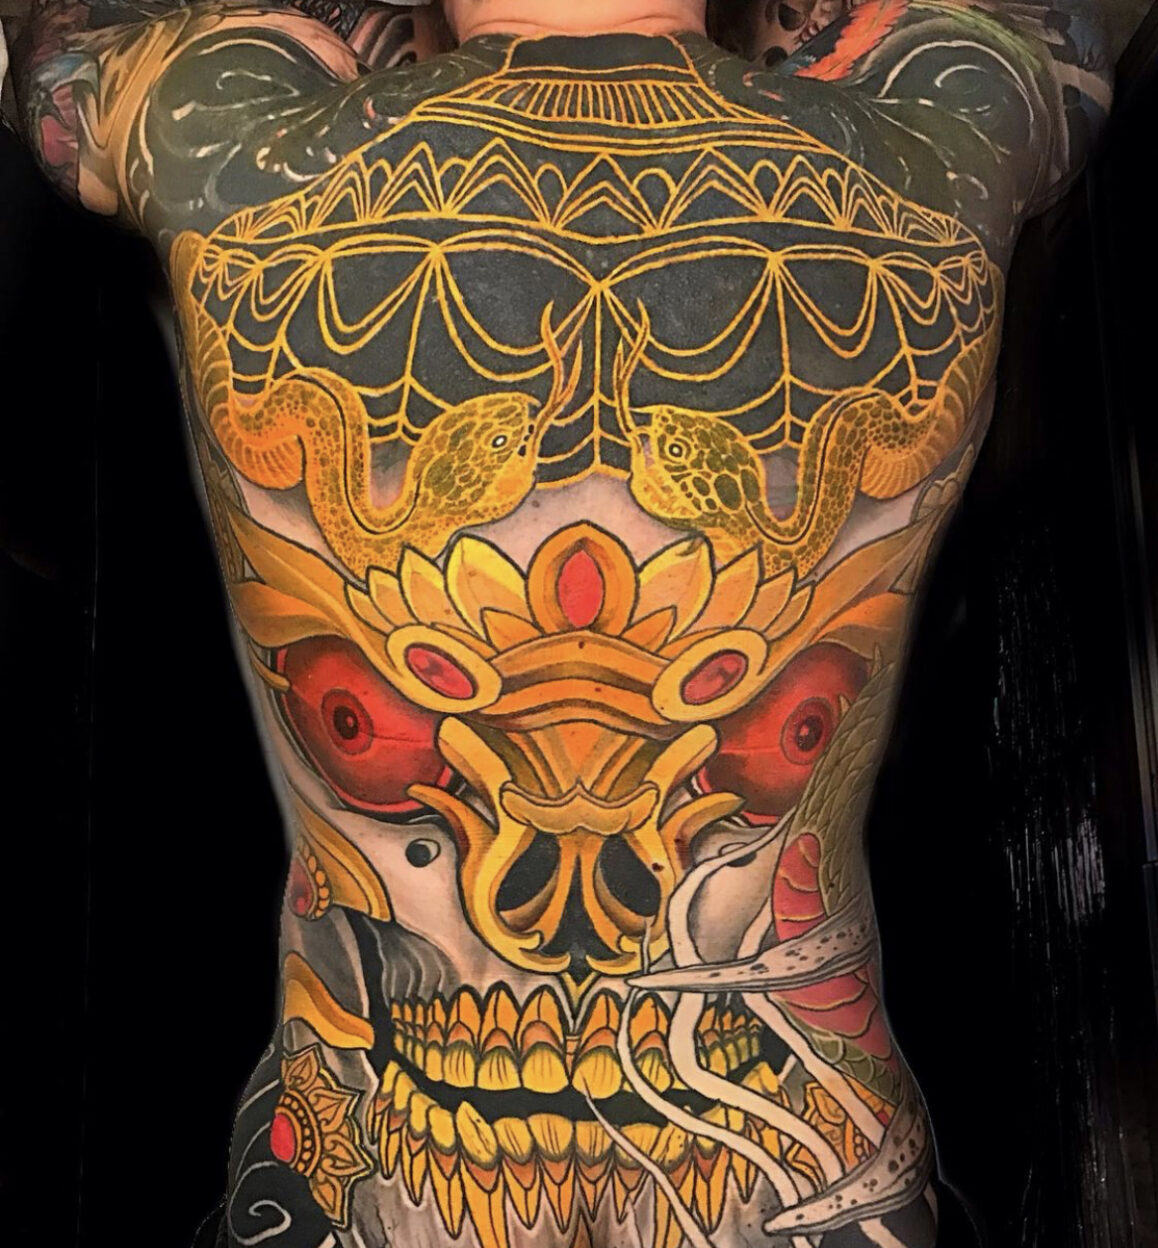 Tattoo by Noa Palmisano, @noapalmisano_ink